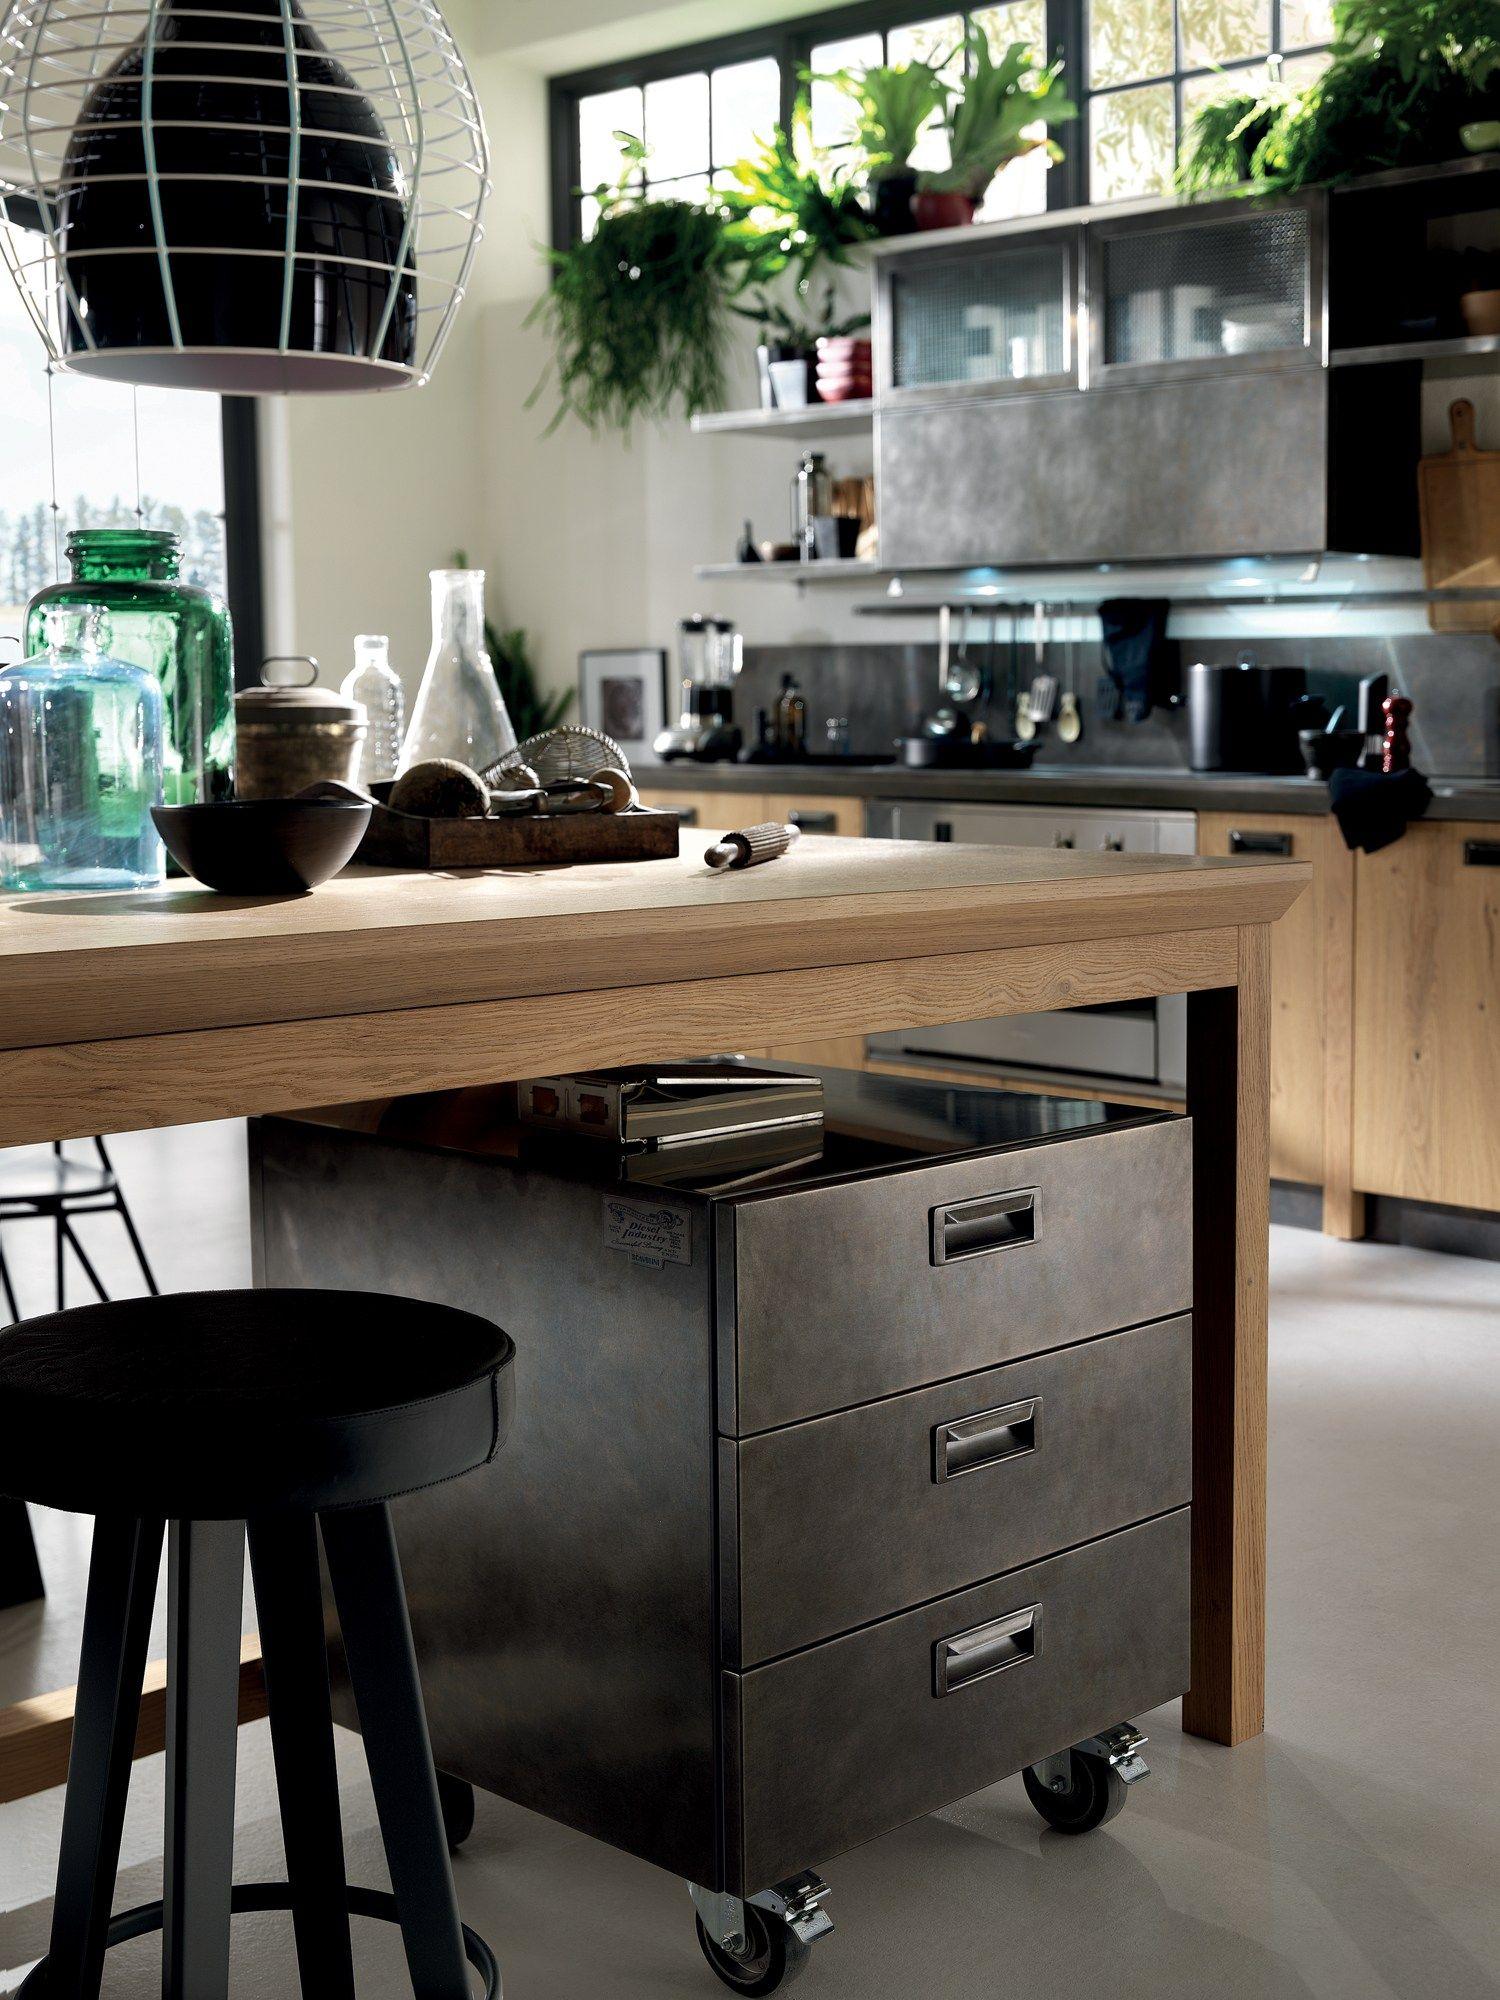 Cucina componibile diesel social kitchen linea scavolini - Smontare cucina componibile ...